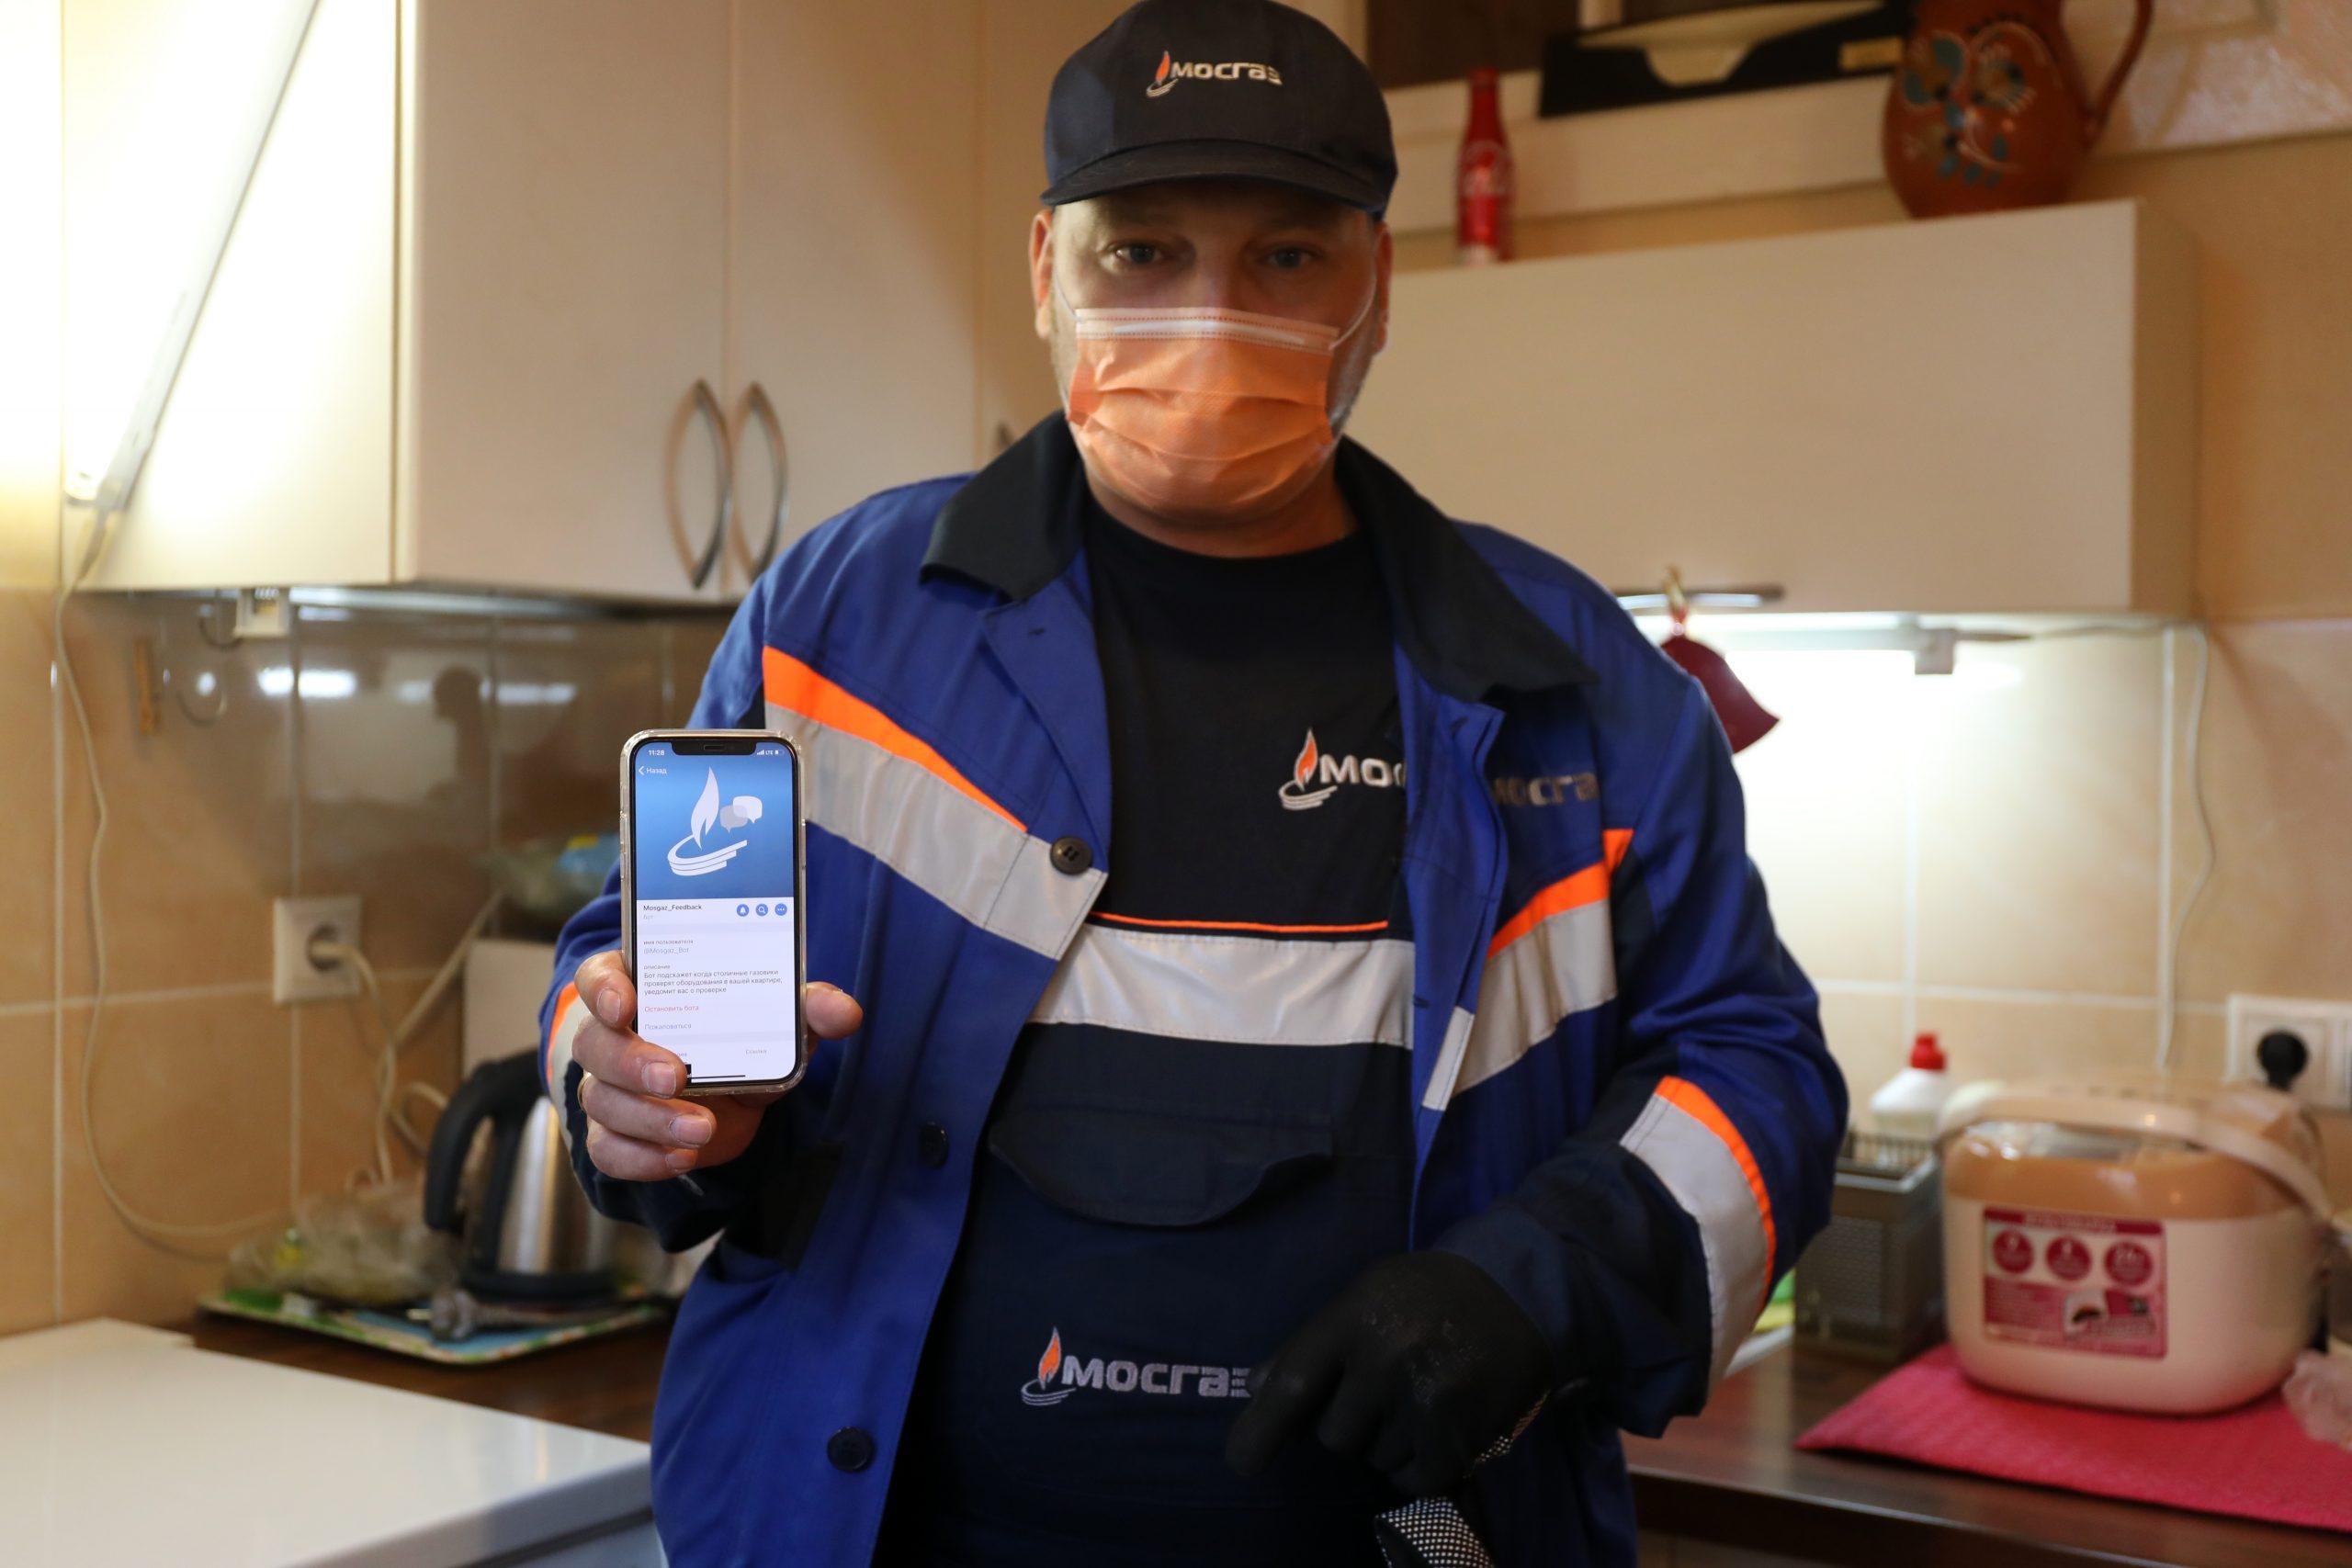 ЗаБОТливый сервис: более 4,5 тыс. москвичей воспользовались чат-ботом столичных газовиков в первые месяцы его работы